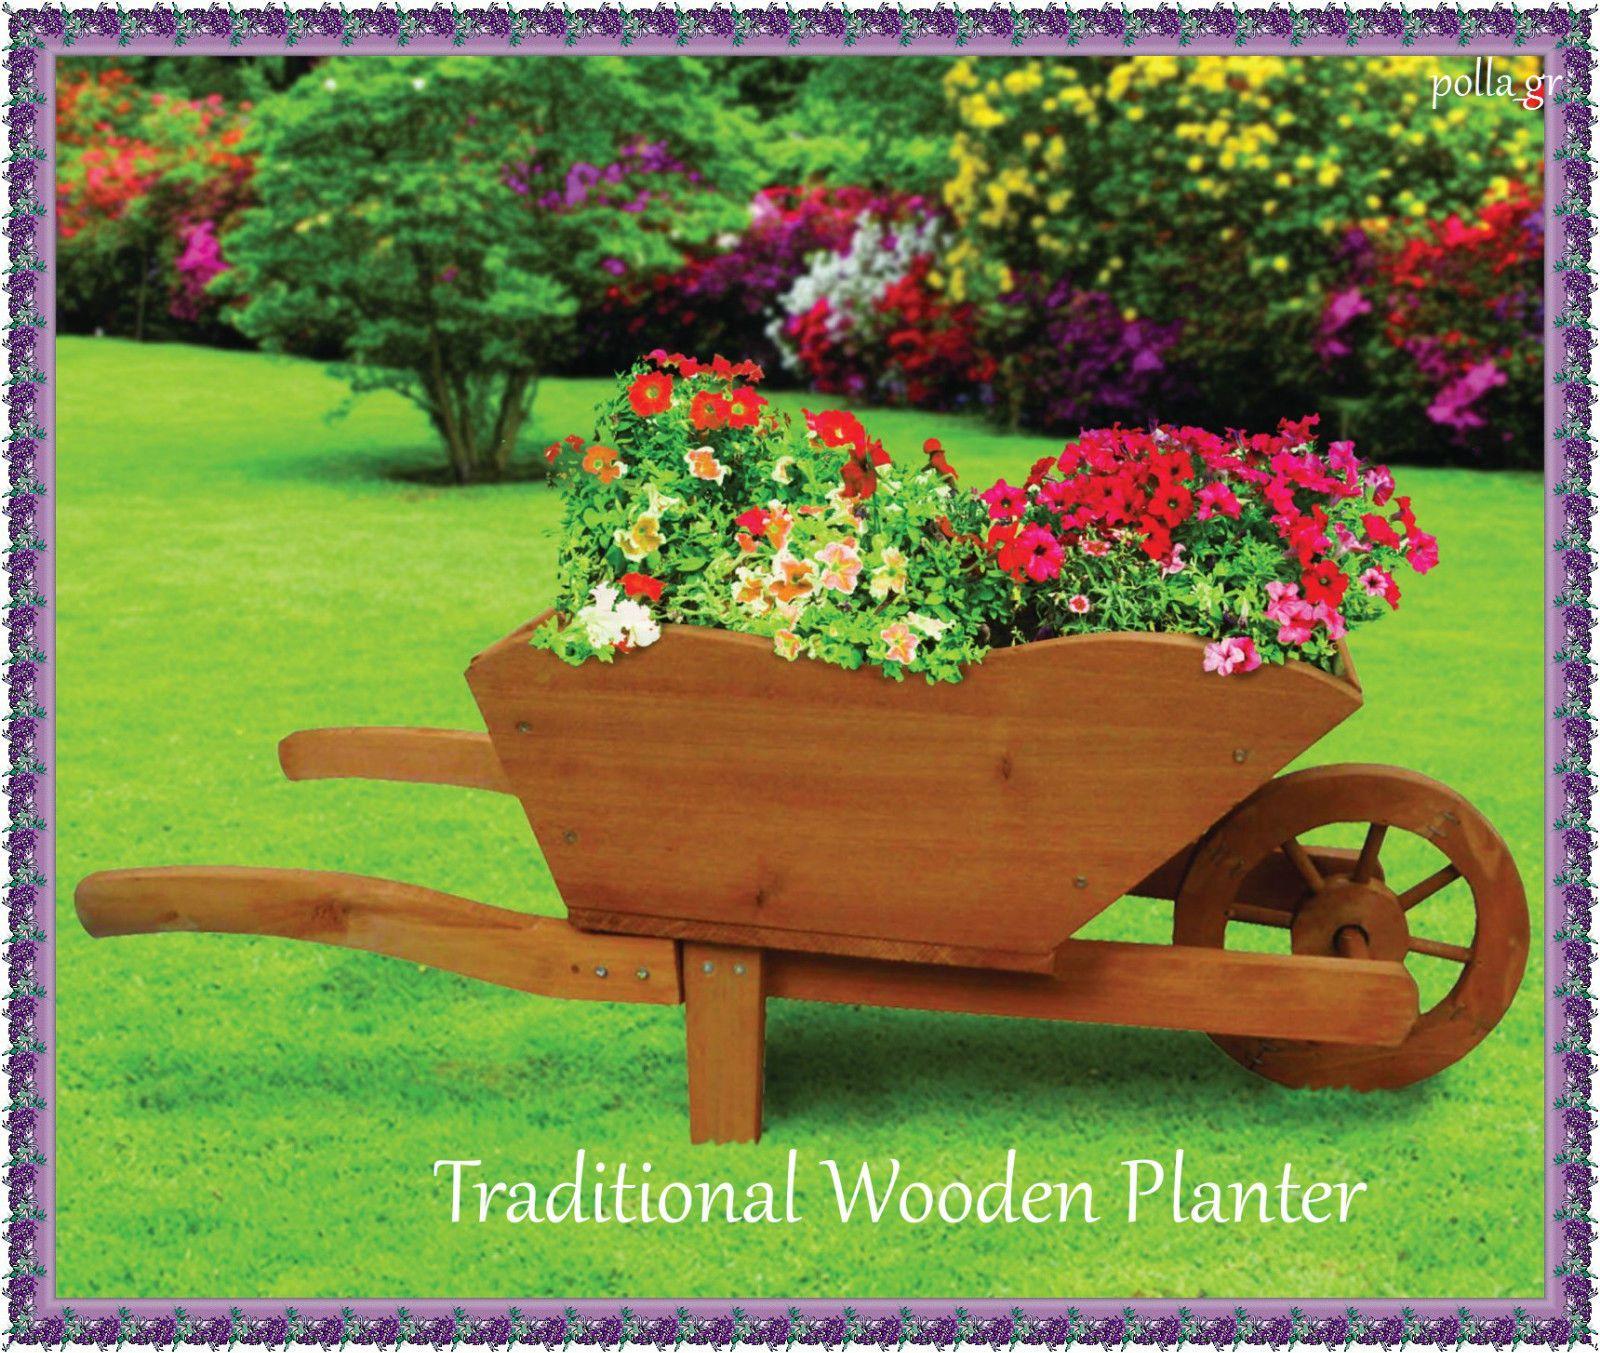 Garden Wooden Planter Flower Box Decor Wagon Wheelbarrow